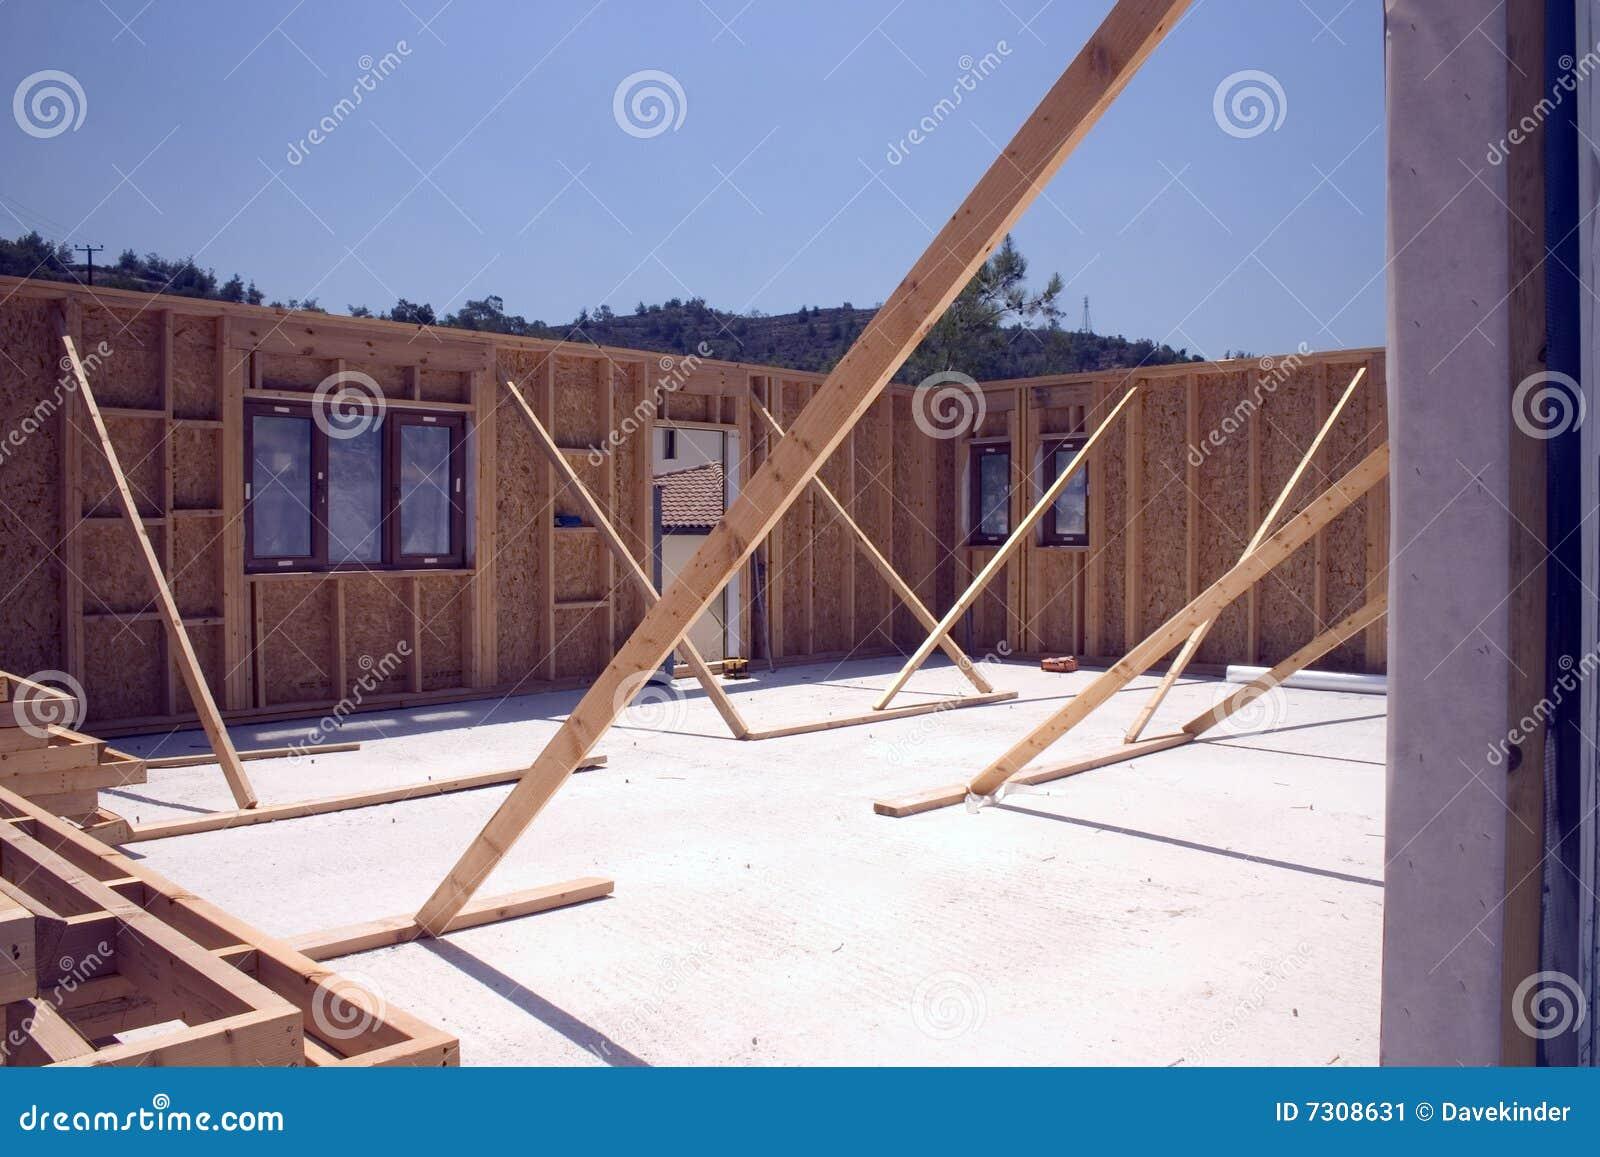 Rafforzi la casa con legname incorniciata in costruzione